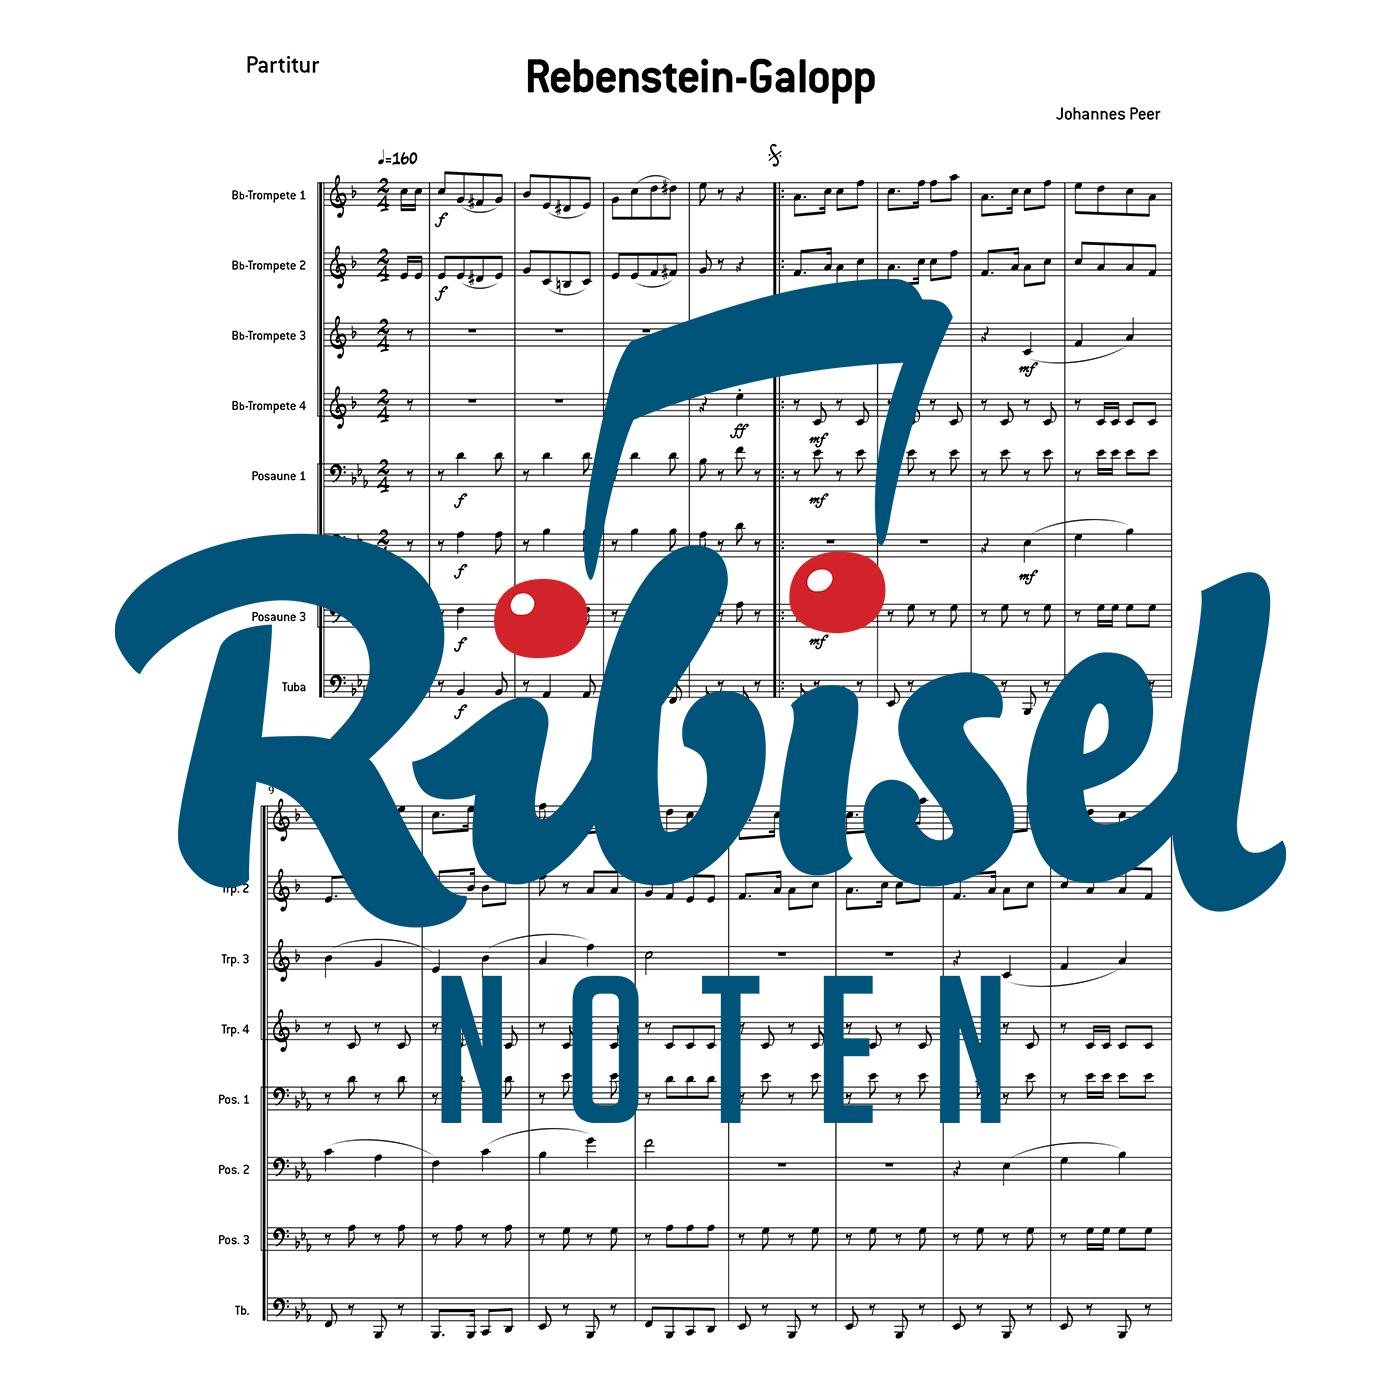 Rebenstein-Galopp